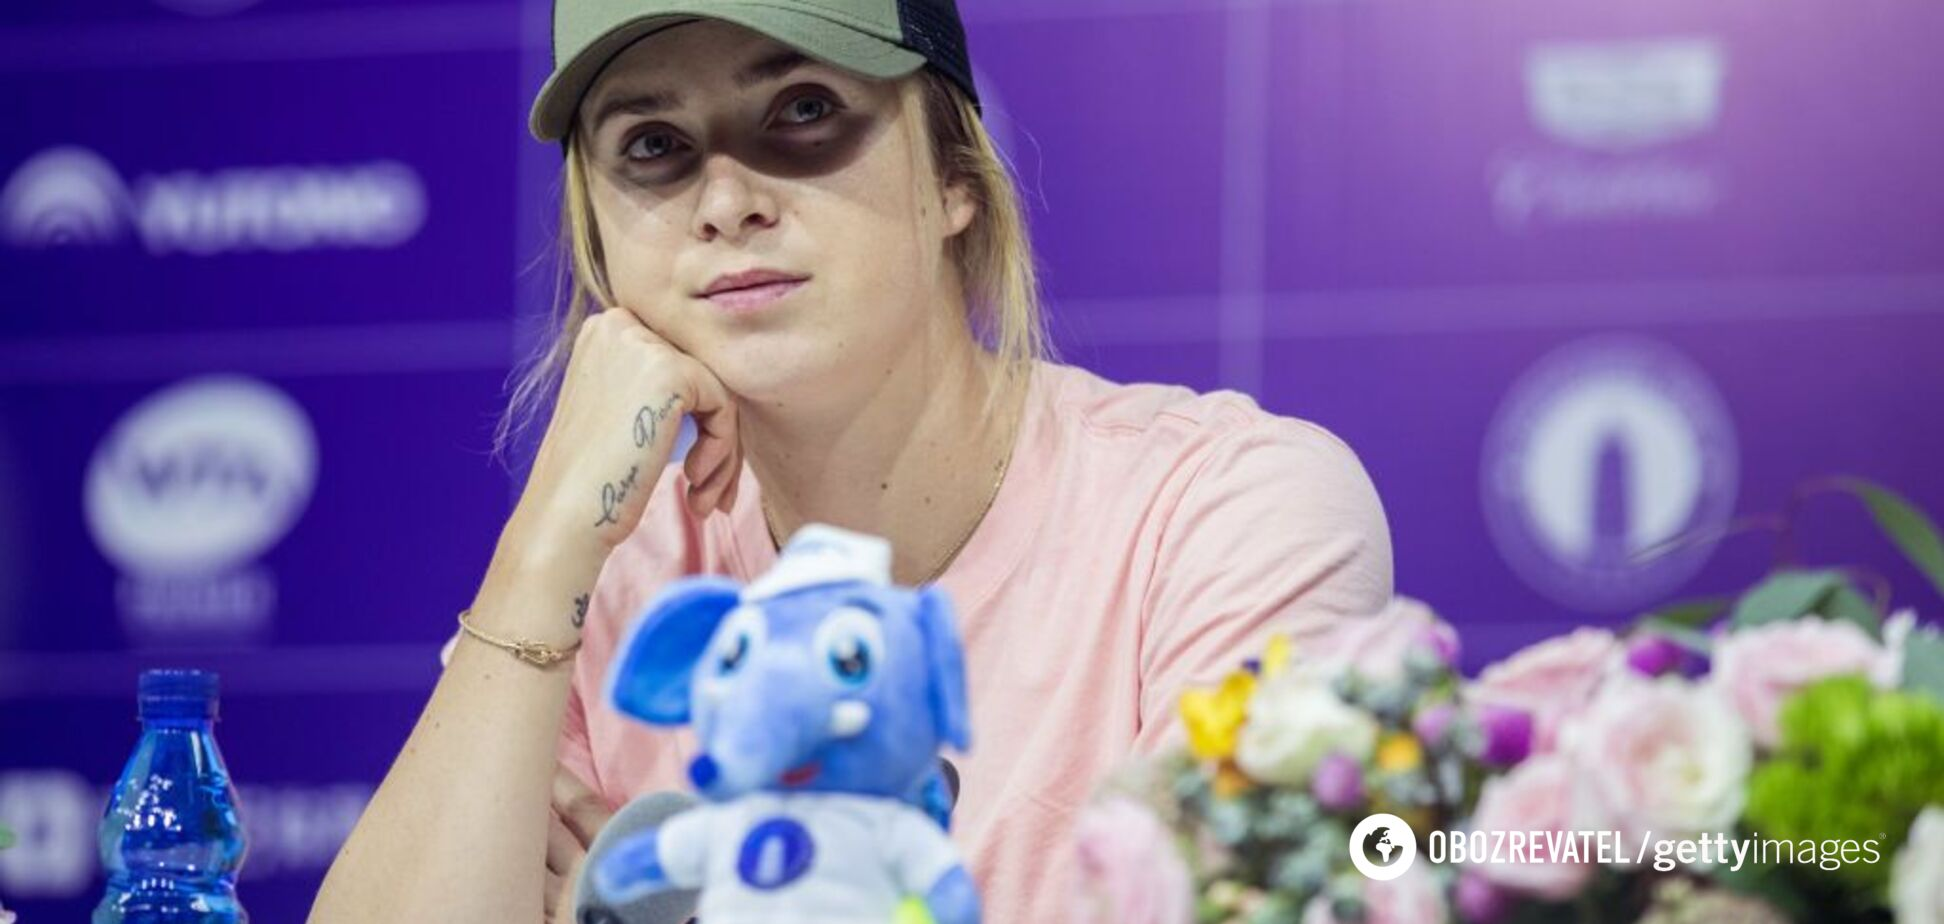 Свитолина отказалась продолжать матч на престижном турнире в Китае